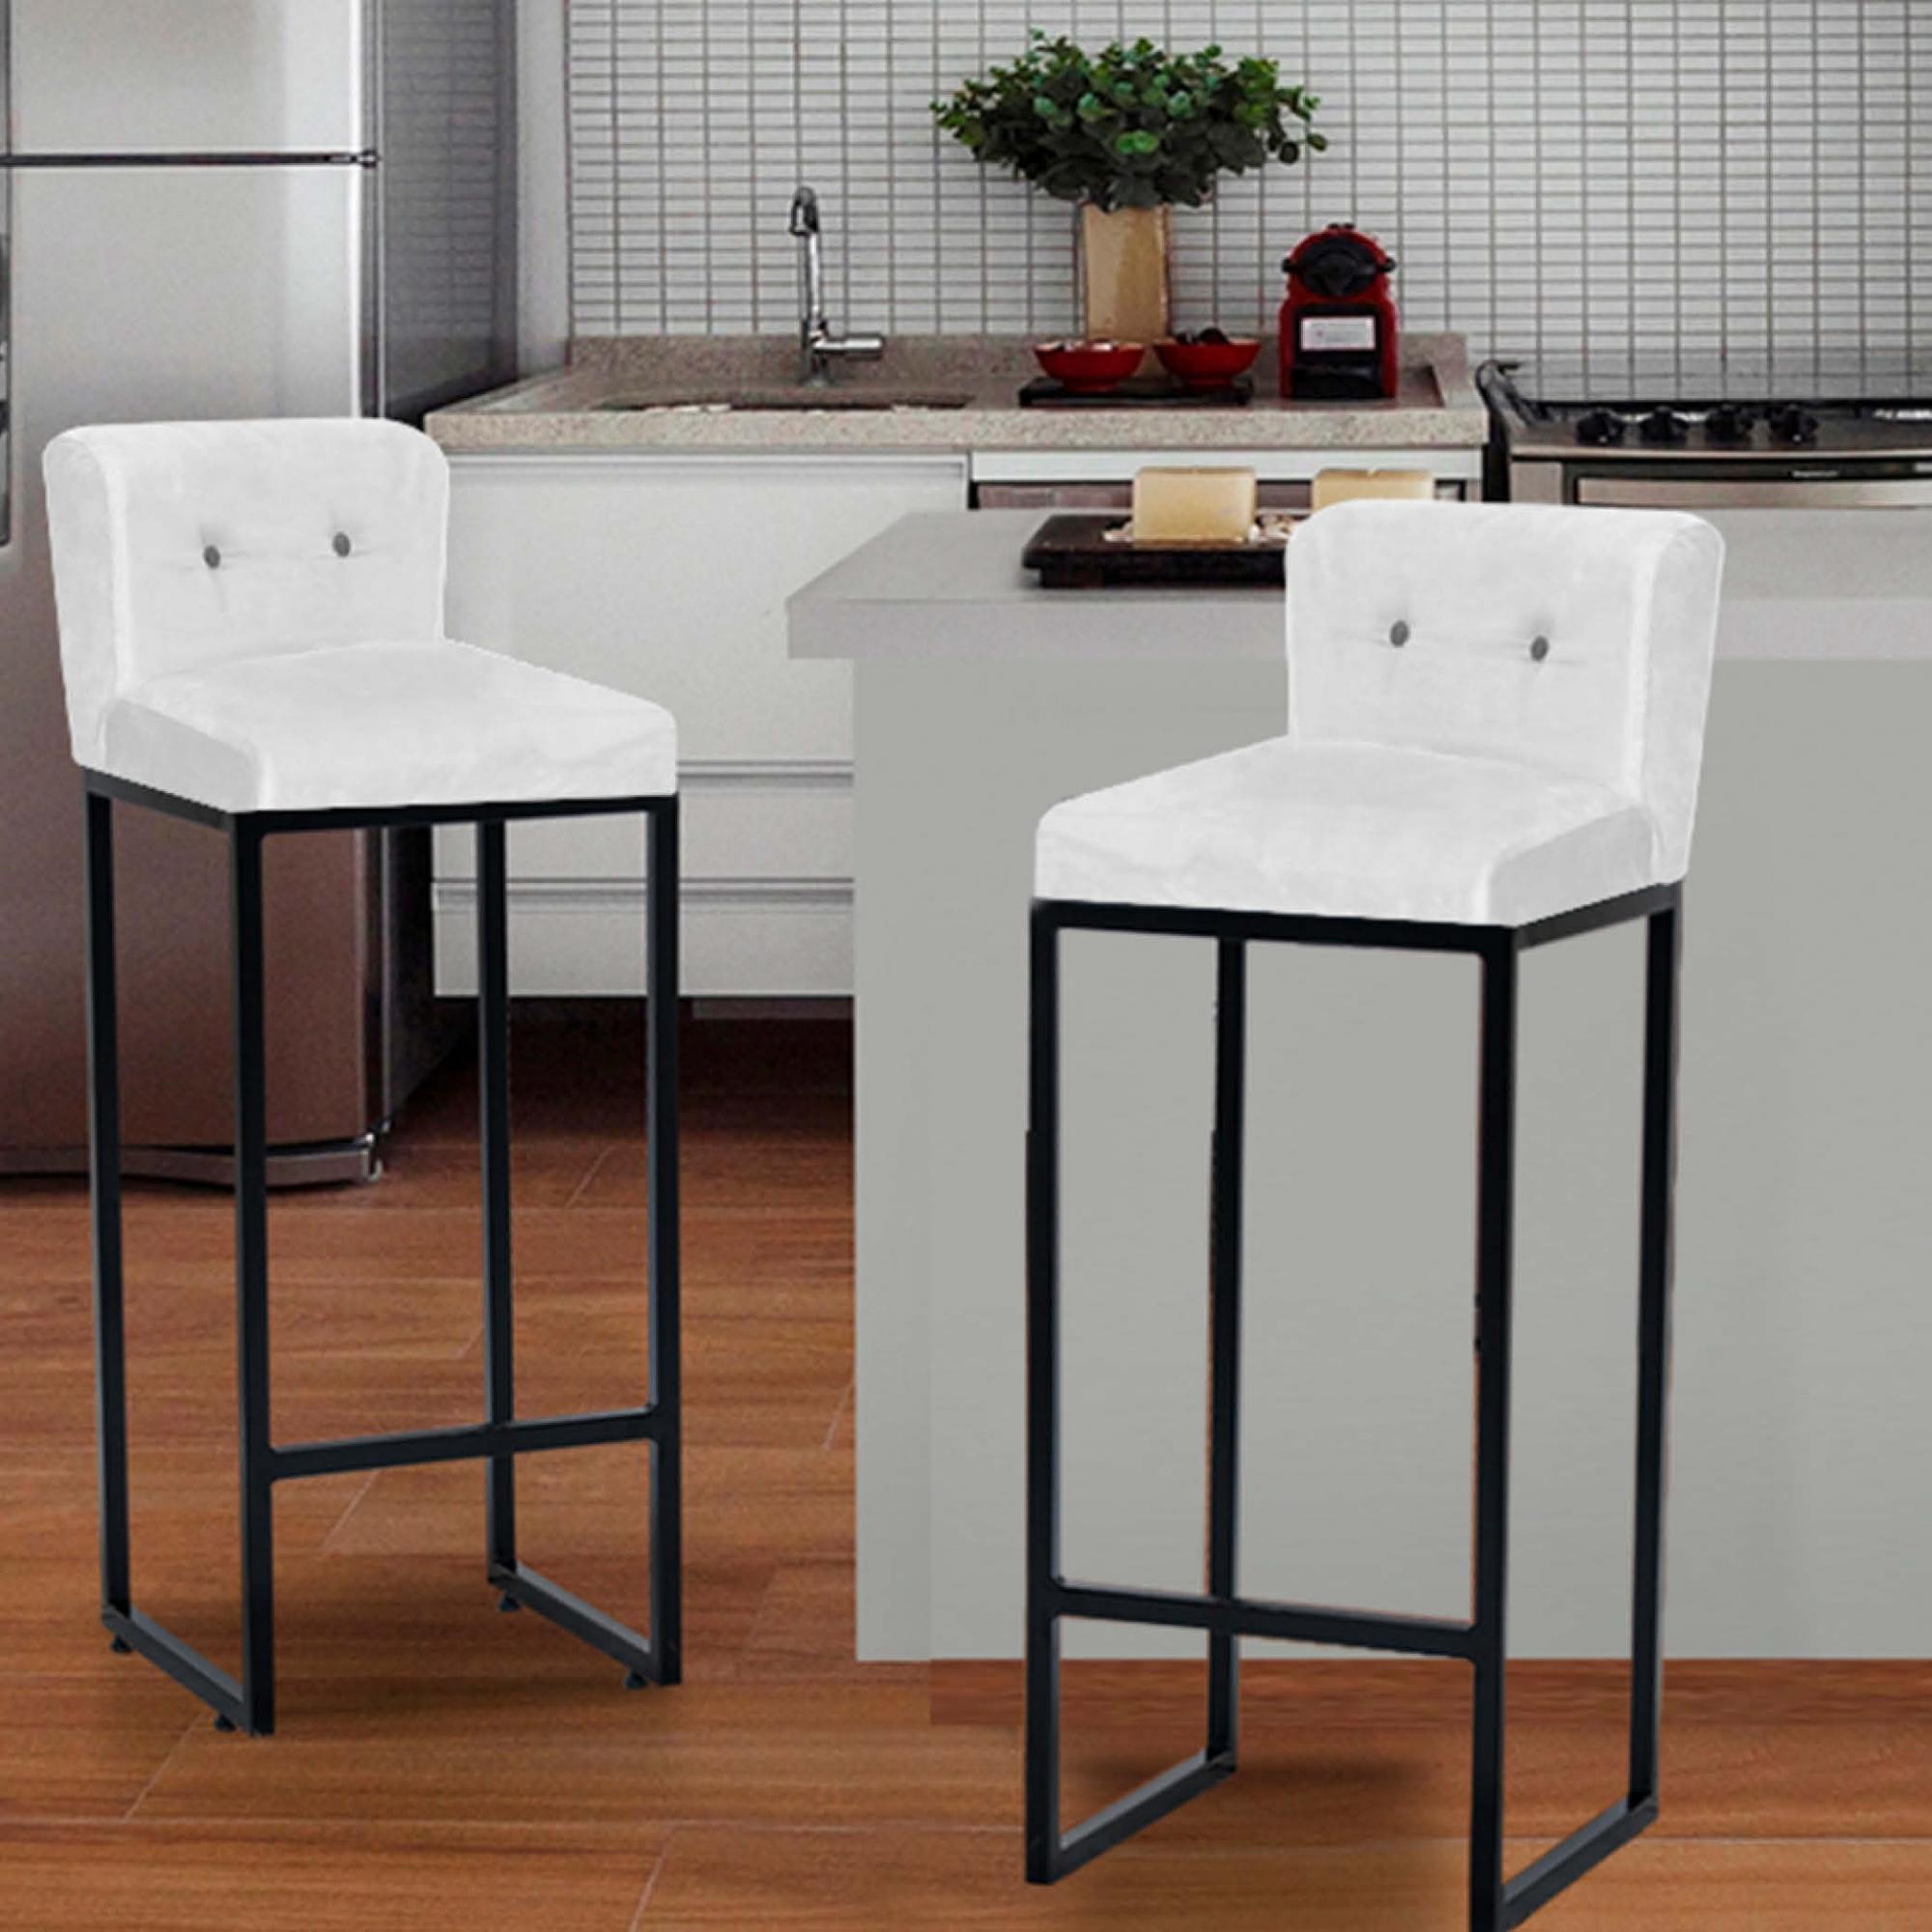 Kit 04 Banquetas Decorativa Alta Loues Suede Branco Com Botão Preto e Encosto Para Cozinha Bar Balcão Bistrô Pé de Ferro Preto -Bela Casa Shop